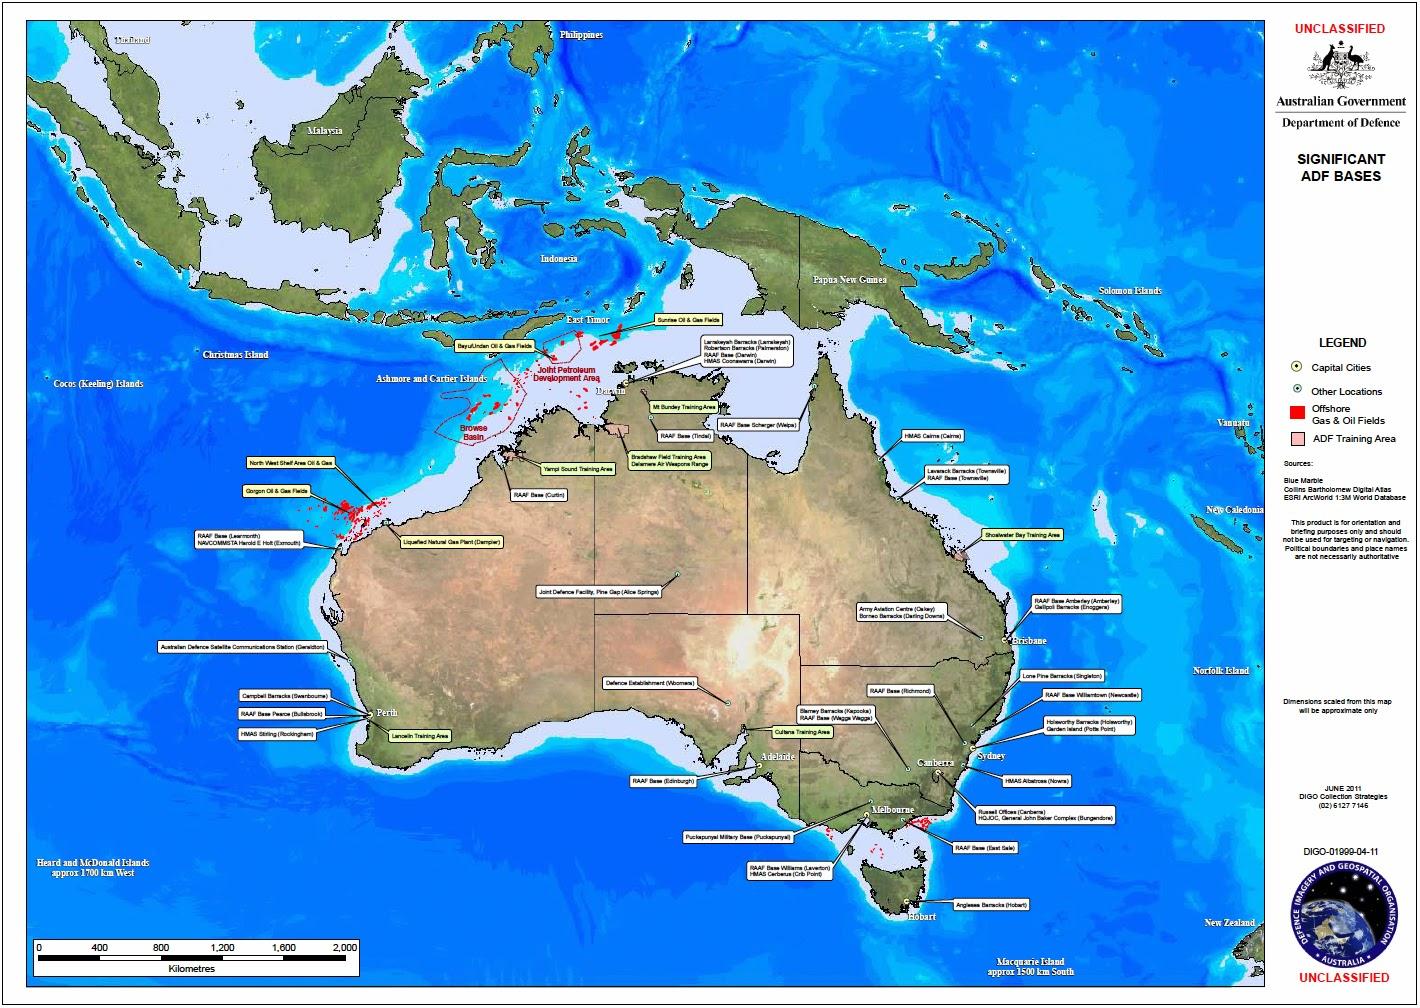 ADF Map